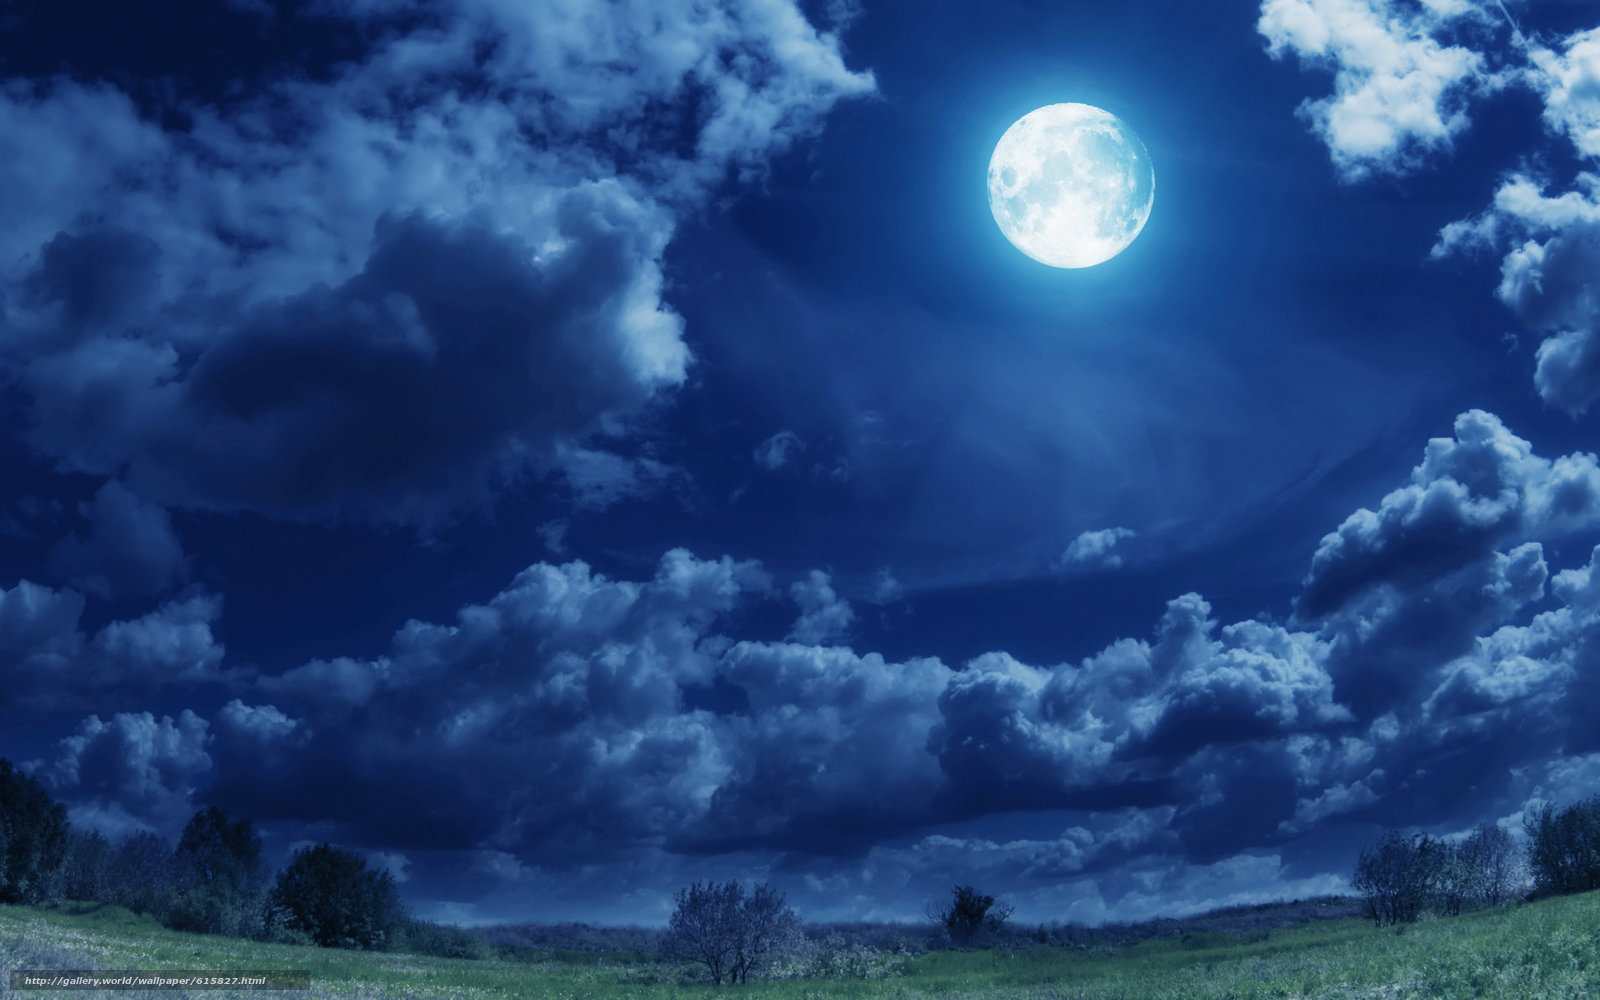 下载壁纸 月亮,  天空,  云,  草 免费为您的桌面分辨率的壁纸 5120x3200 — 图片 №615827